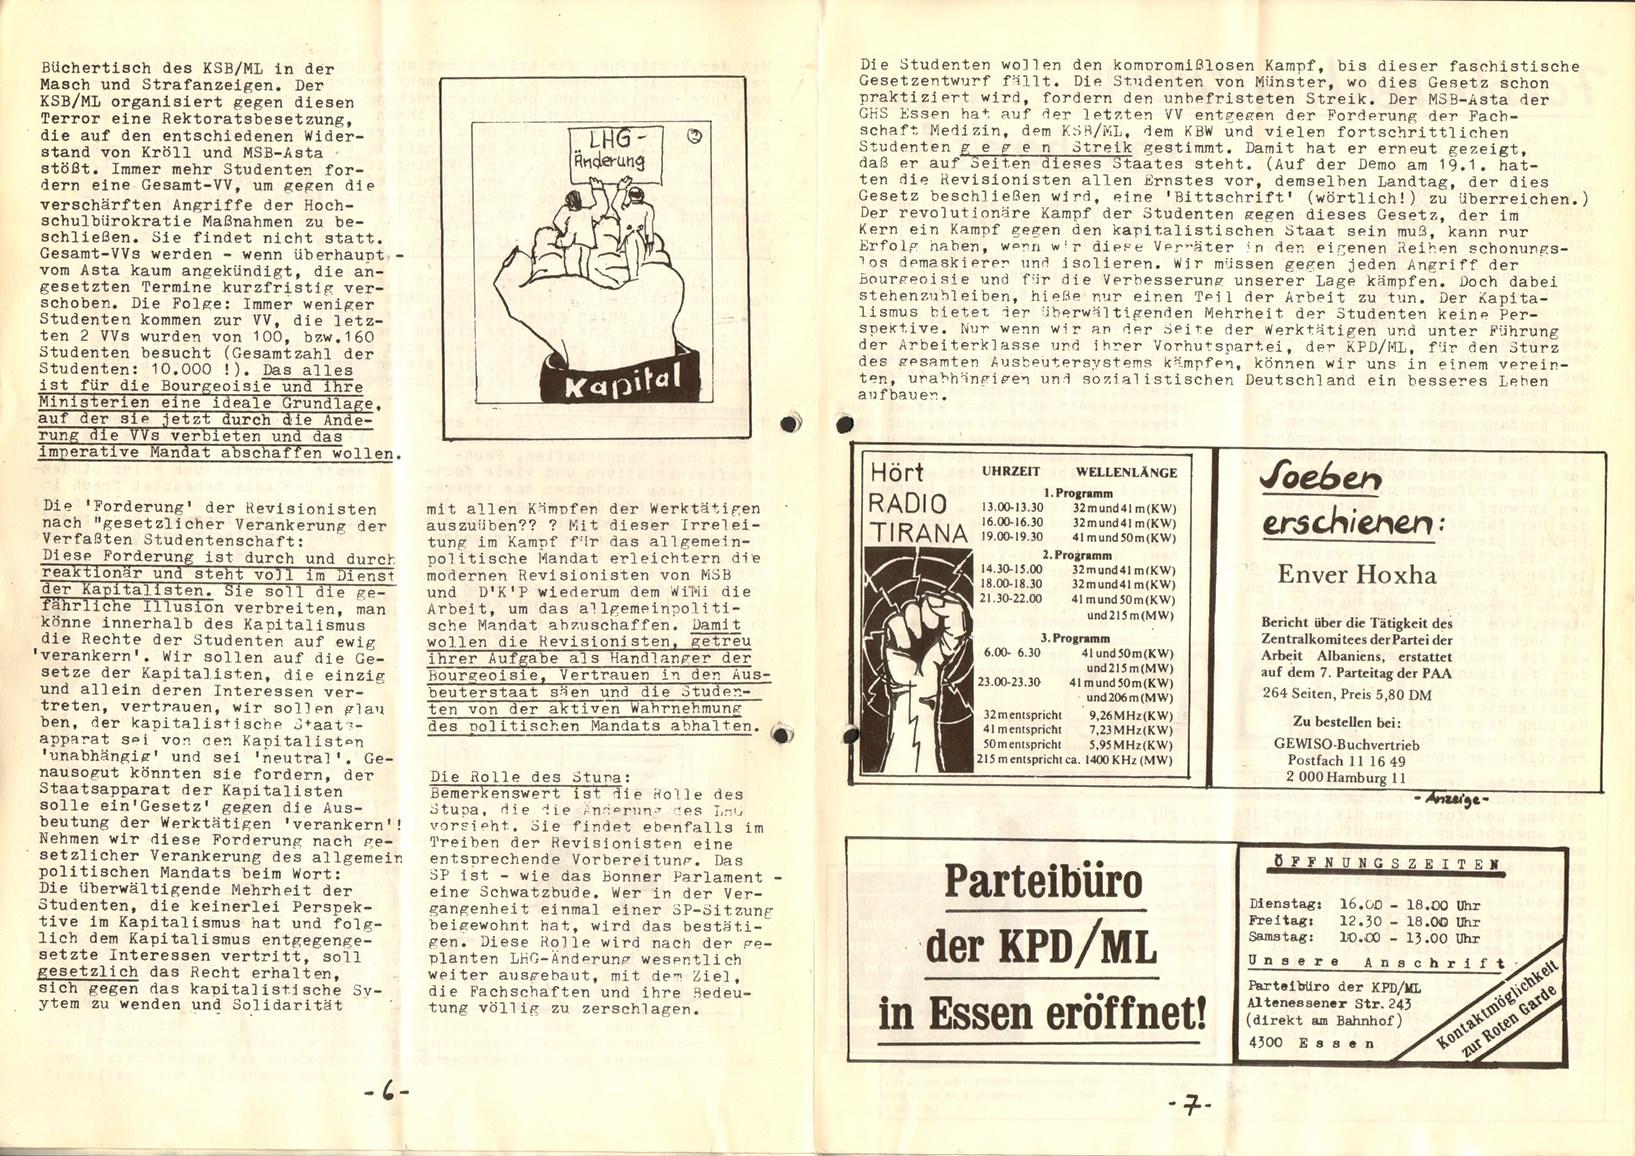 Essen_KSBML_Rote_Studenten_19770100_04